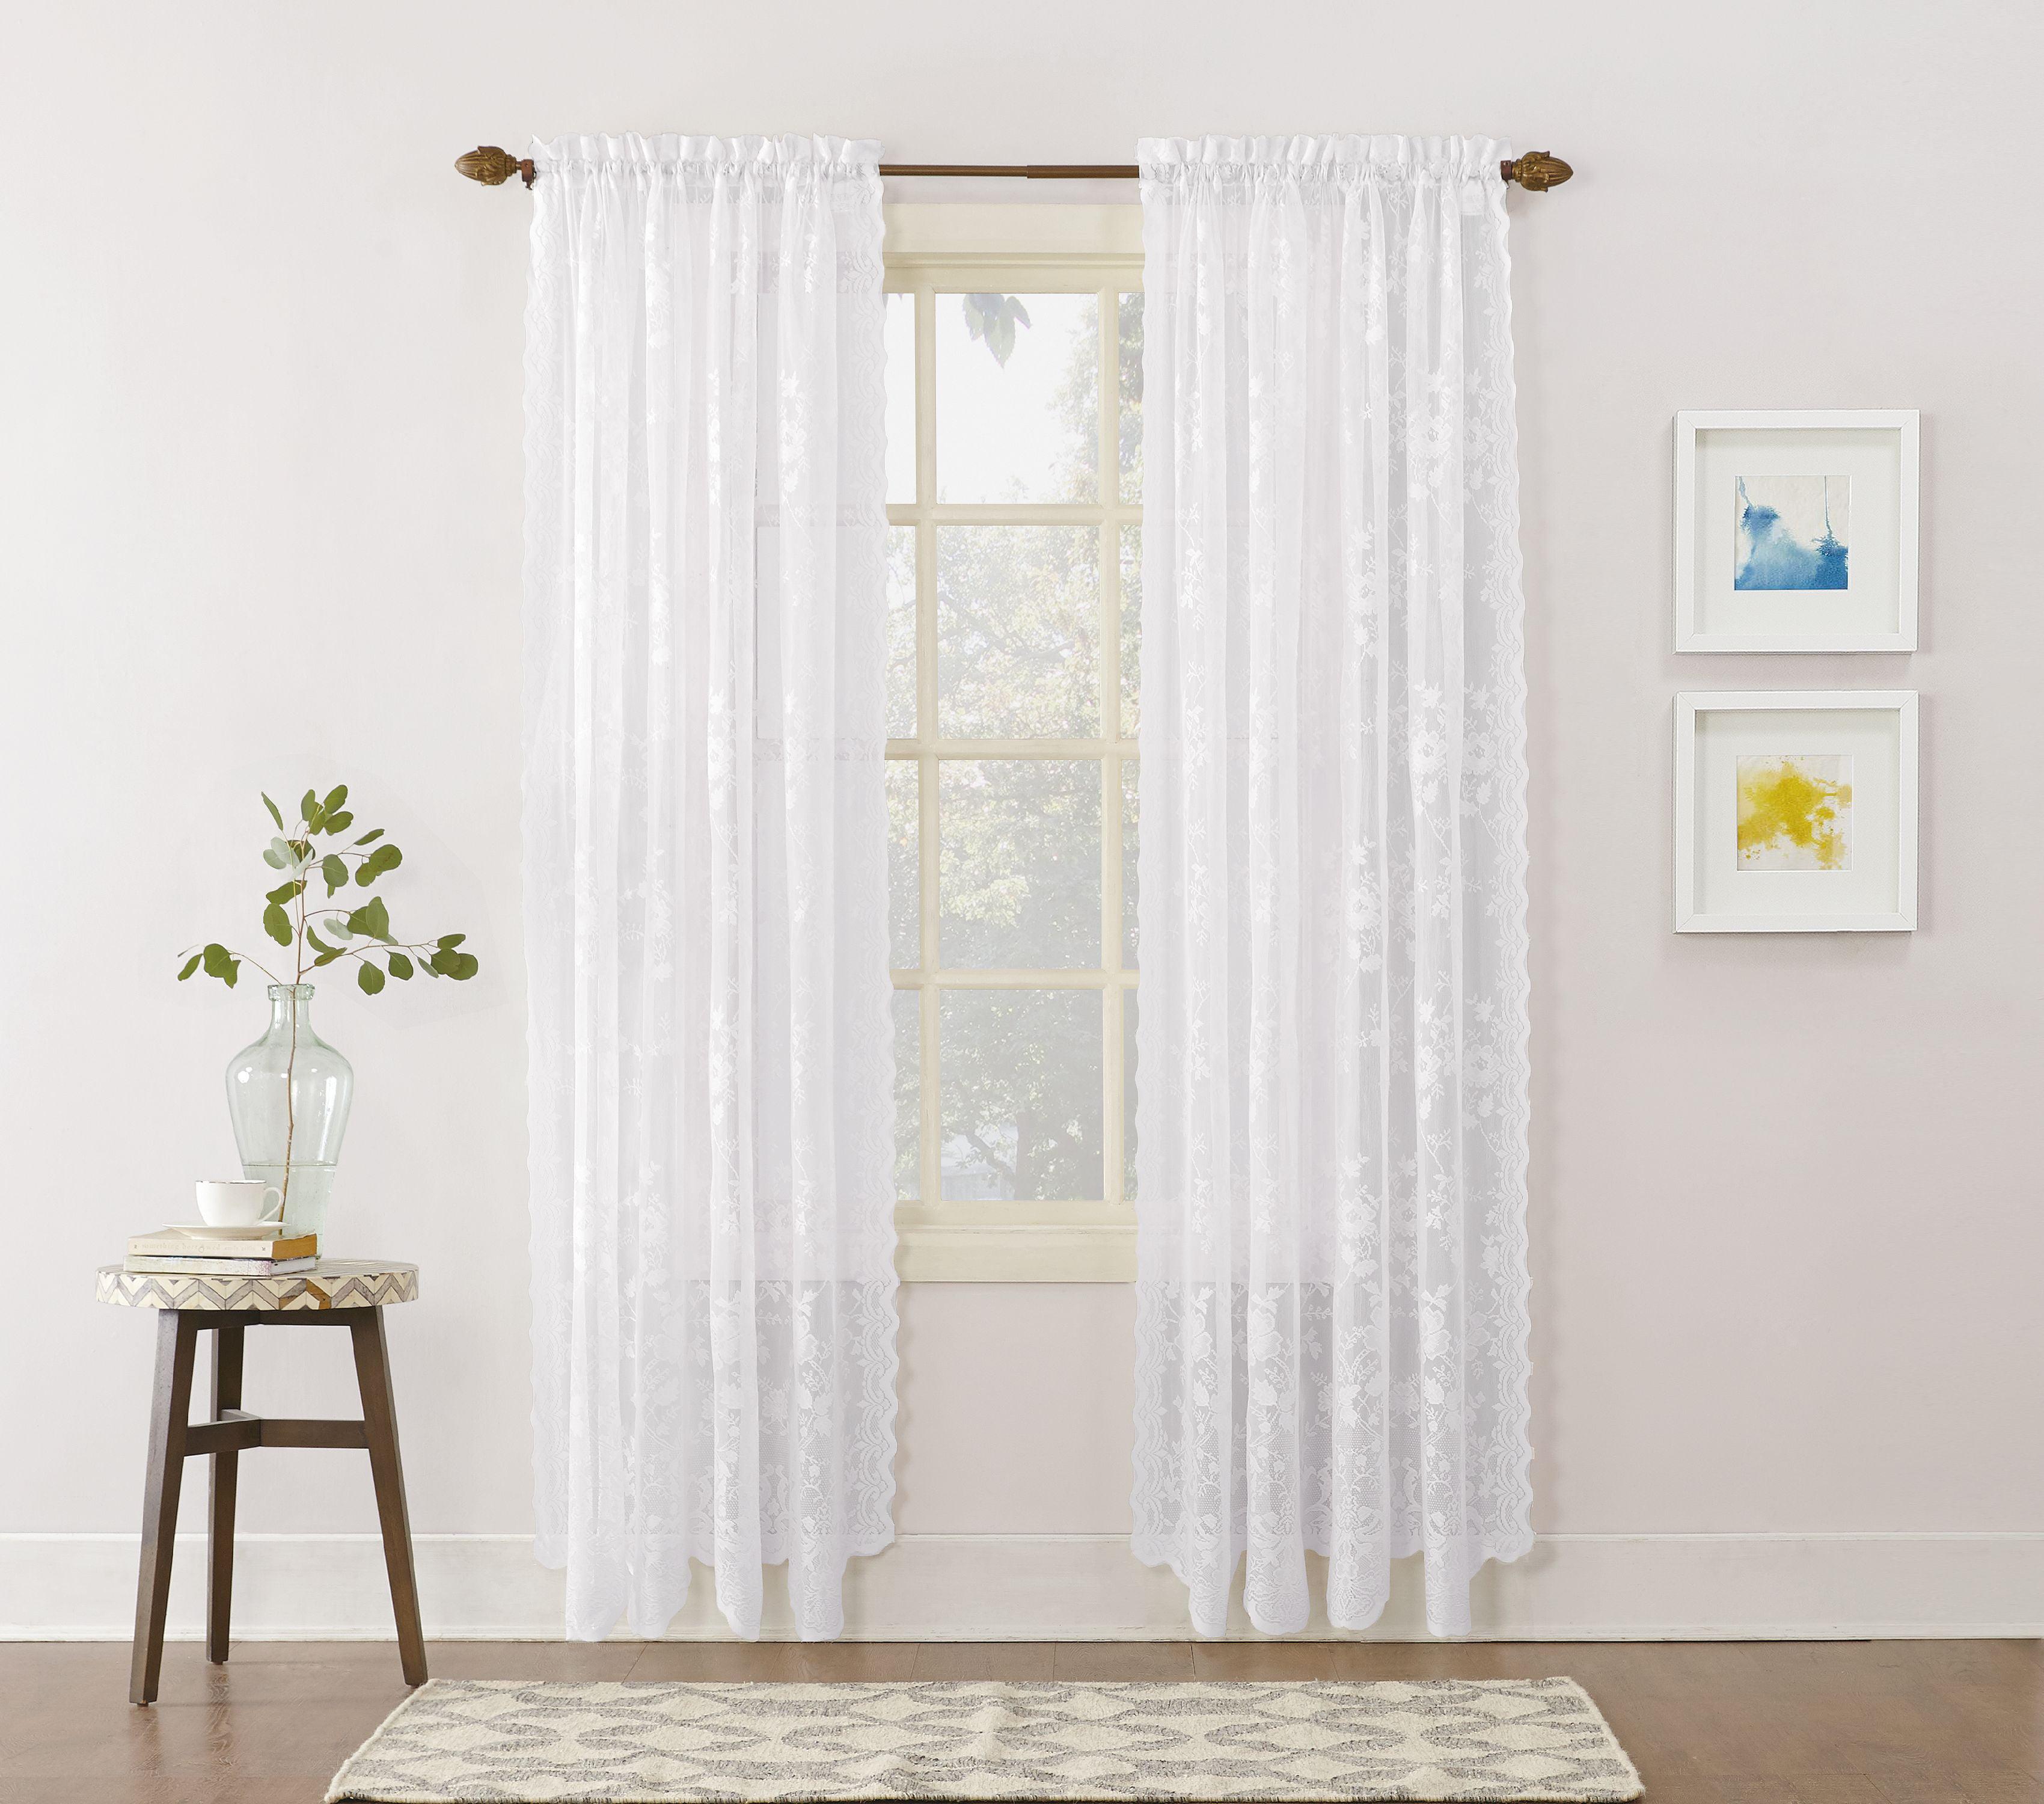 No 918 Quinn Floral Lace Sheer Rod Pocket Curtain Panel Walmart Com Walmart Com